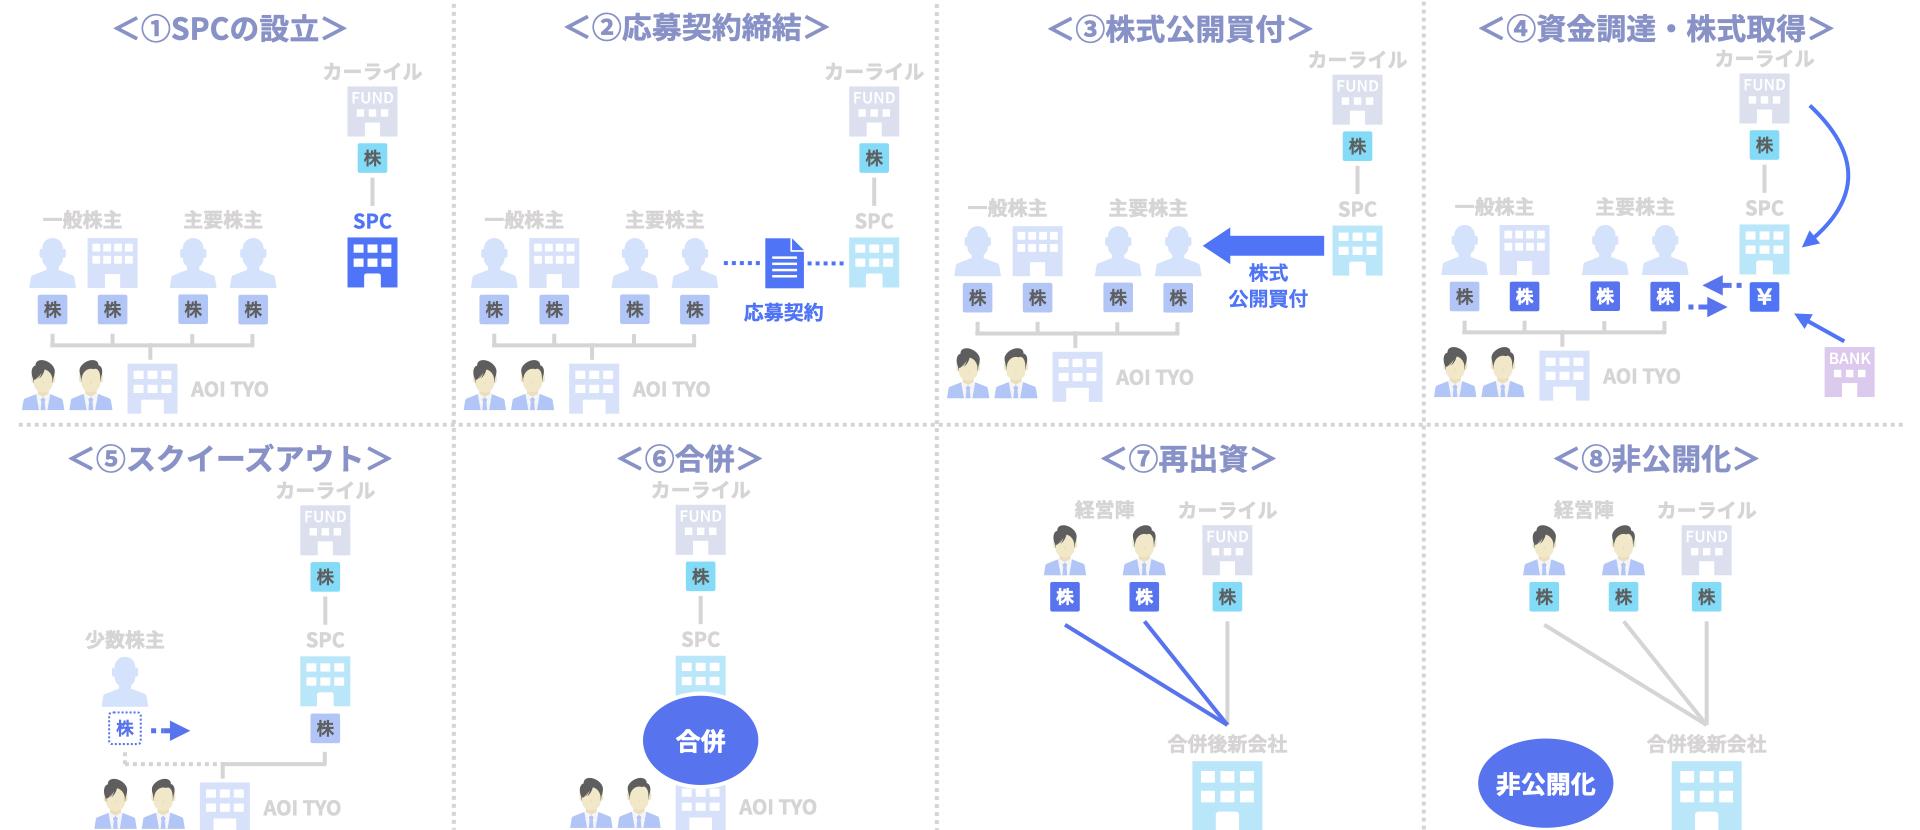 AOI TYOのファンドMBOによる非公開化(カーライル)のスキーム